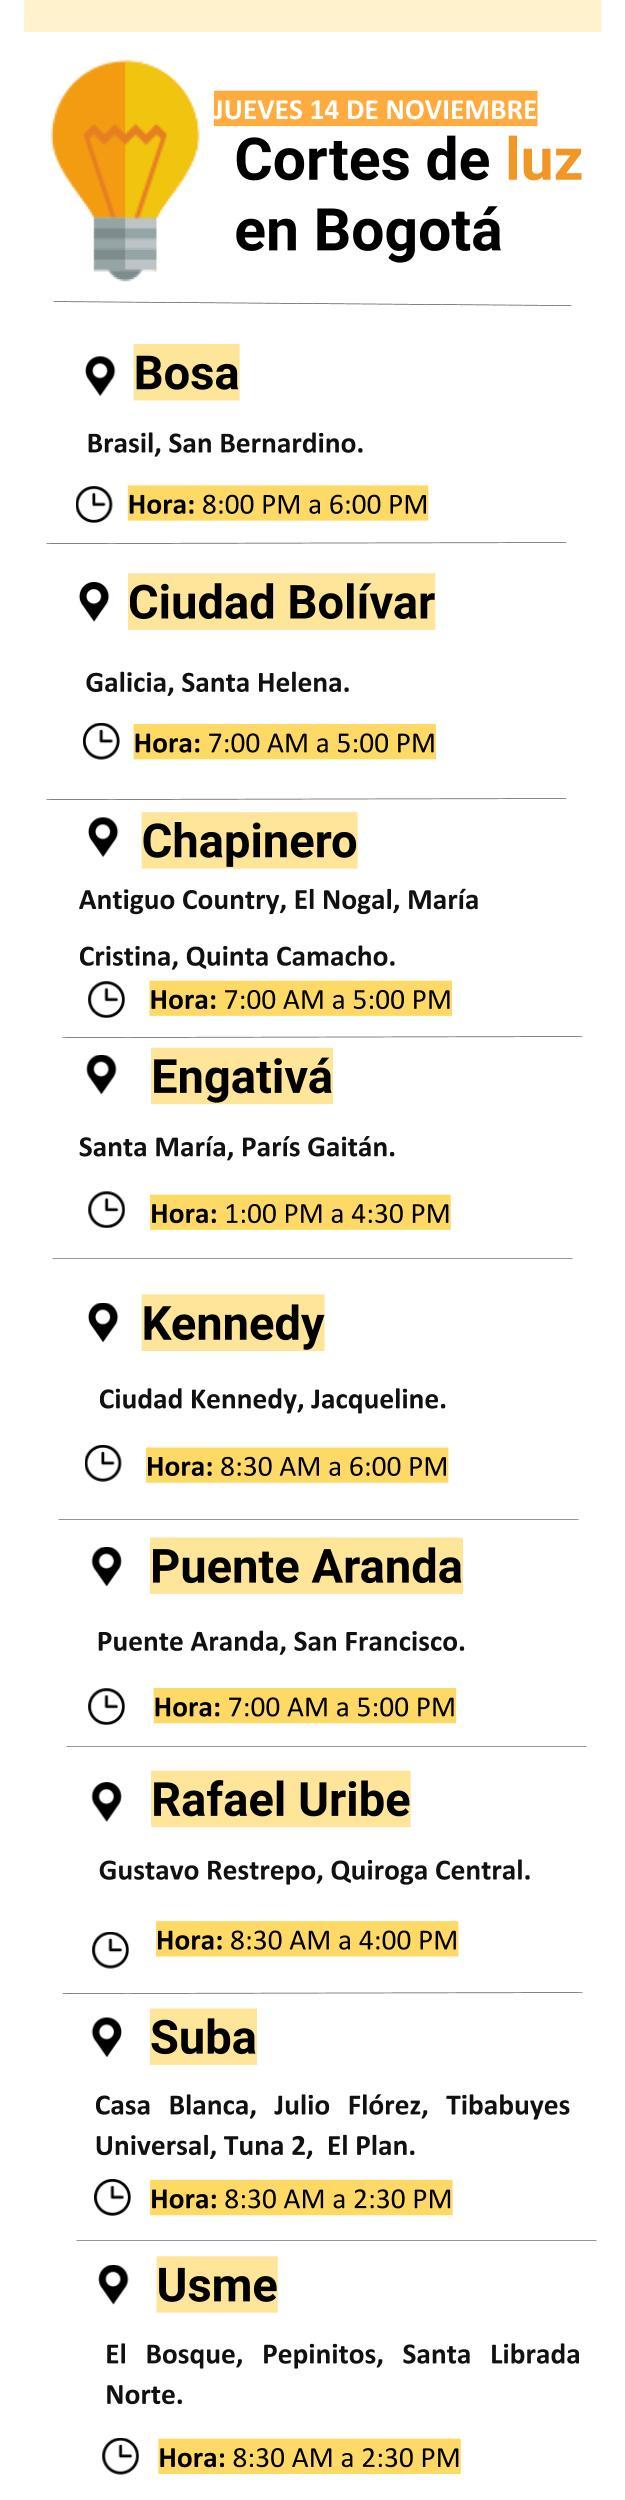 Cortes de luz del jueves 14 de noviembre en Bogotá.